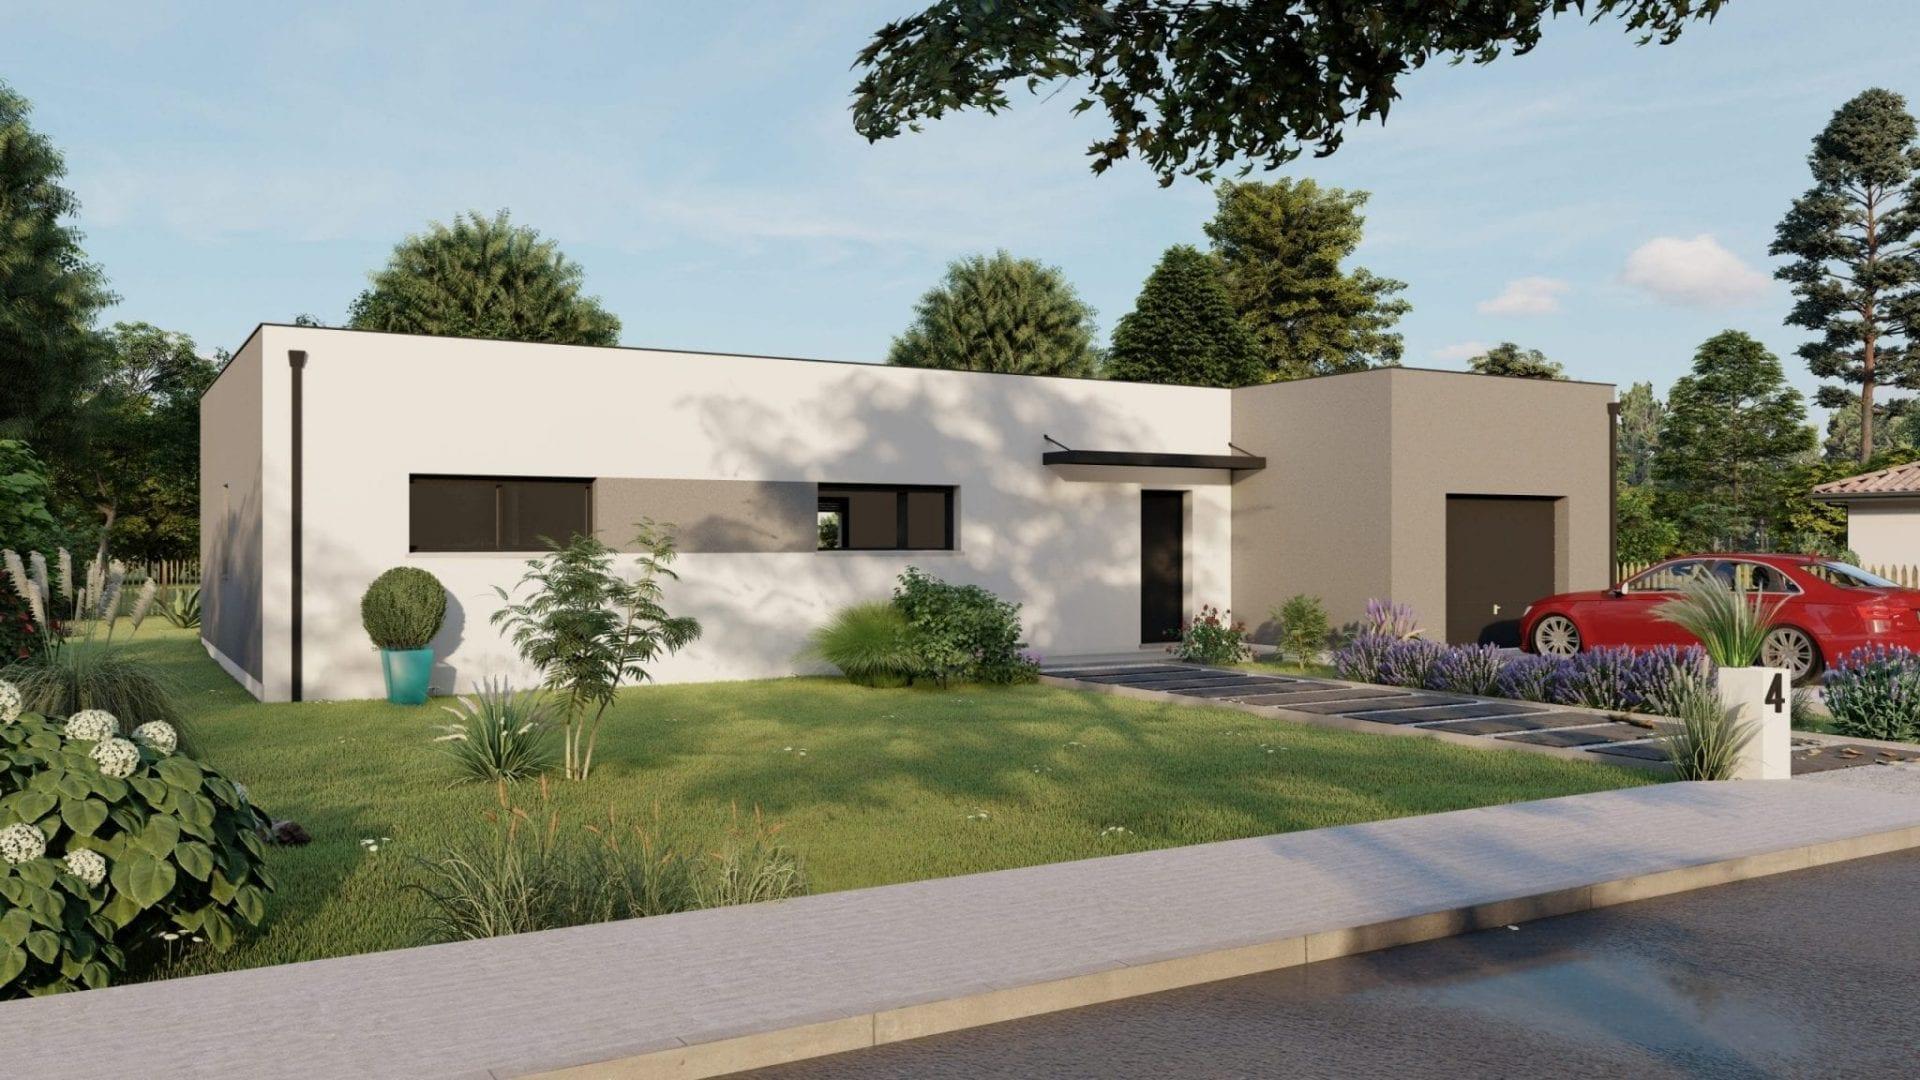 vue exterieure côté rue de la façade de la maison modèle design et son garage